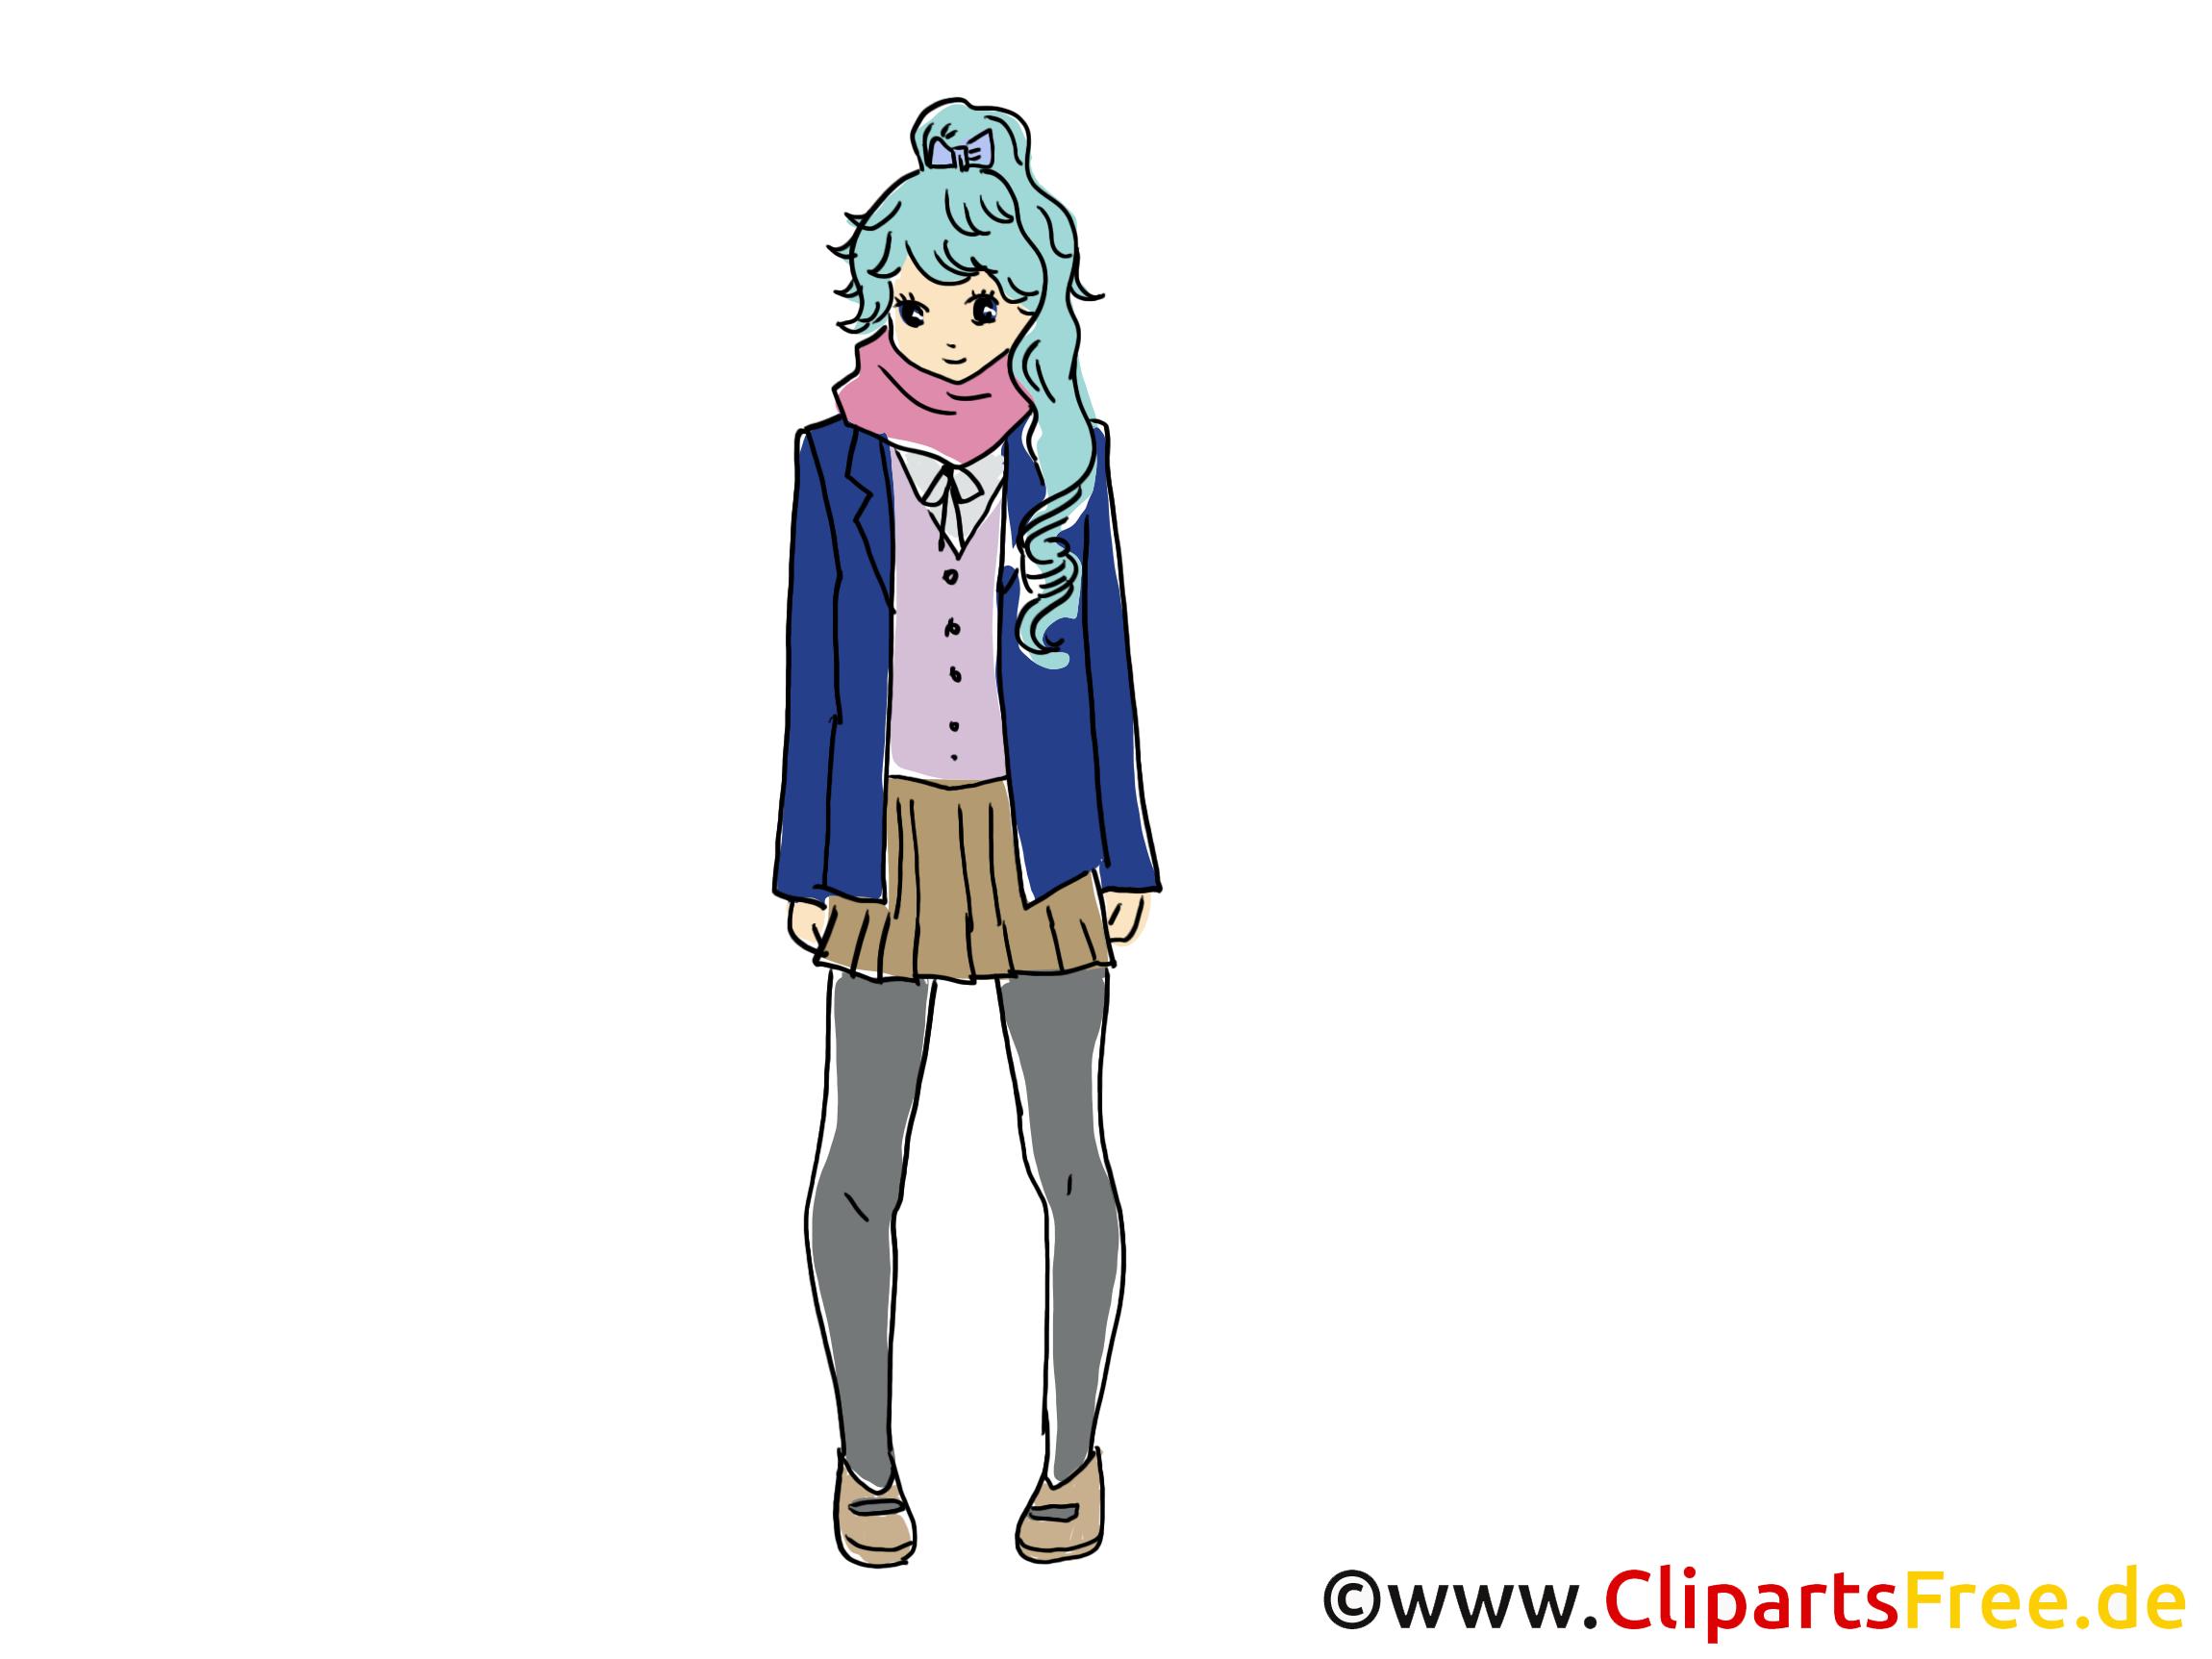 Image gratuite anime - Femme images cliparts